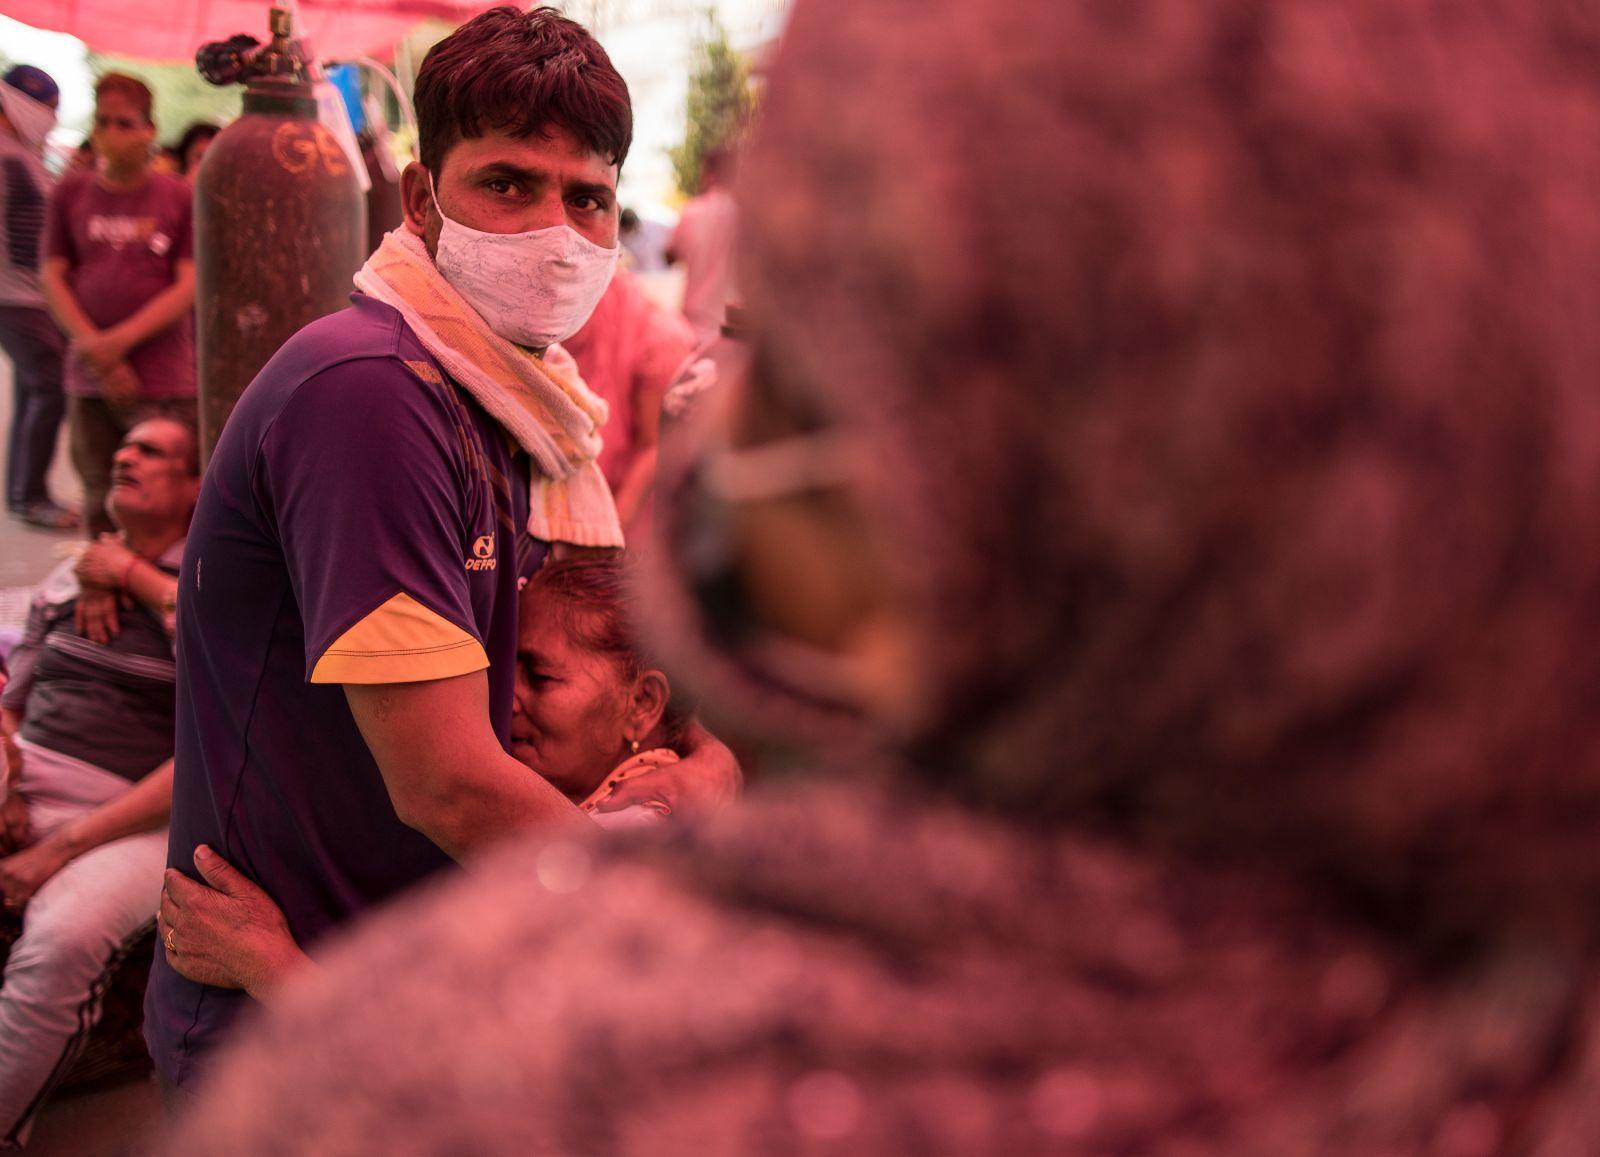 """Chùm ảnh 1 tuần Ấn Độ lầm than vì """"đại hồng thủy"""" Covid-19: Khói lửa mù mịt cay xè mắt, đau thắt ruột gan tiễn biệt người thân chết trong đau đớn - Ảnh 16."""